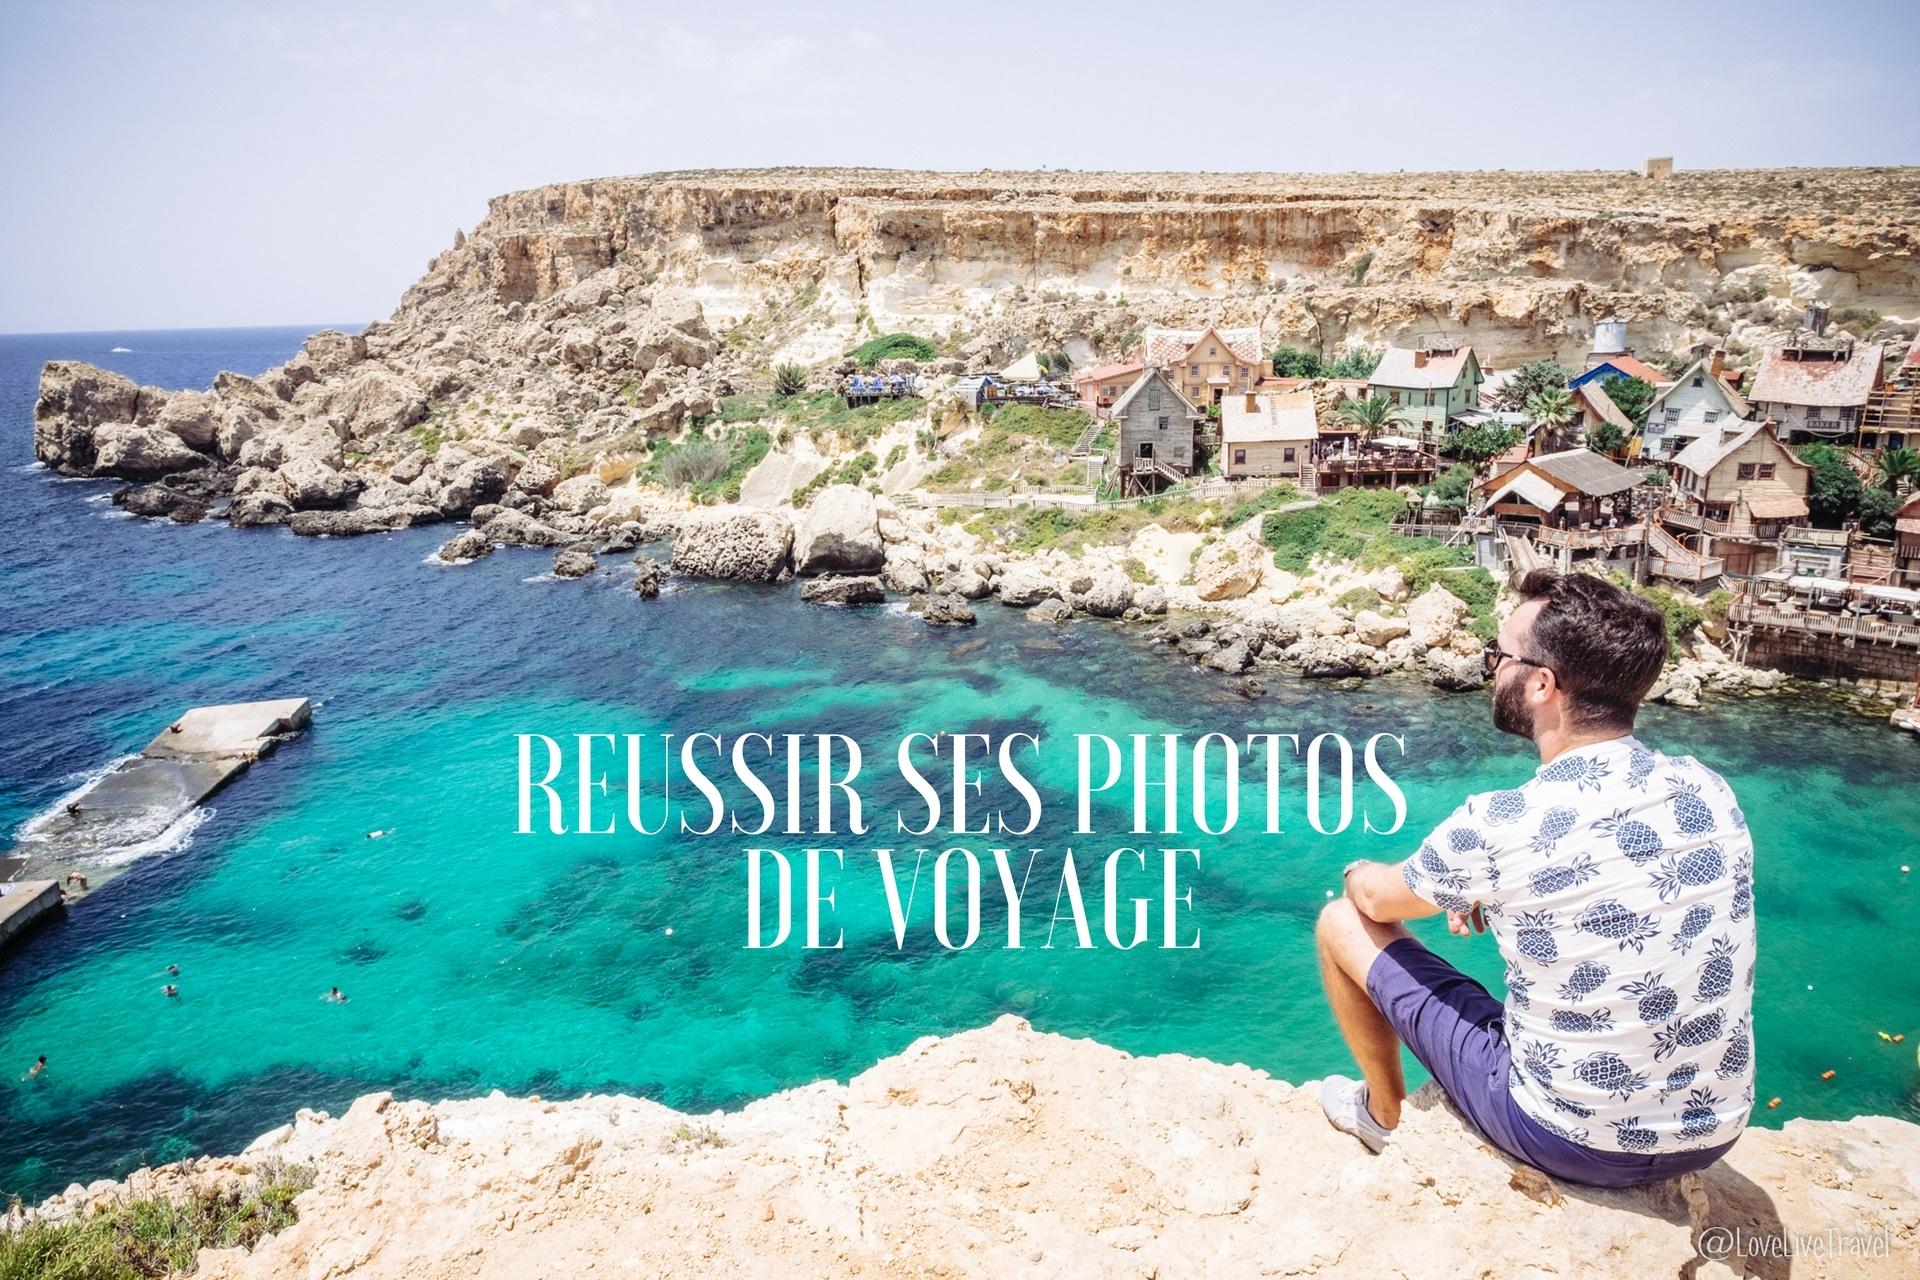 réussir ses photos de voyage blog voyage lovelivetravel